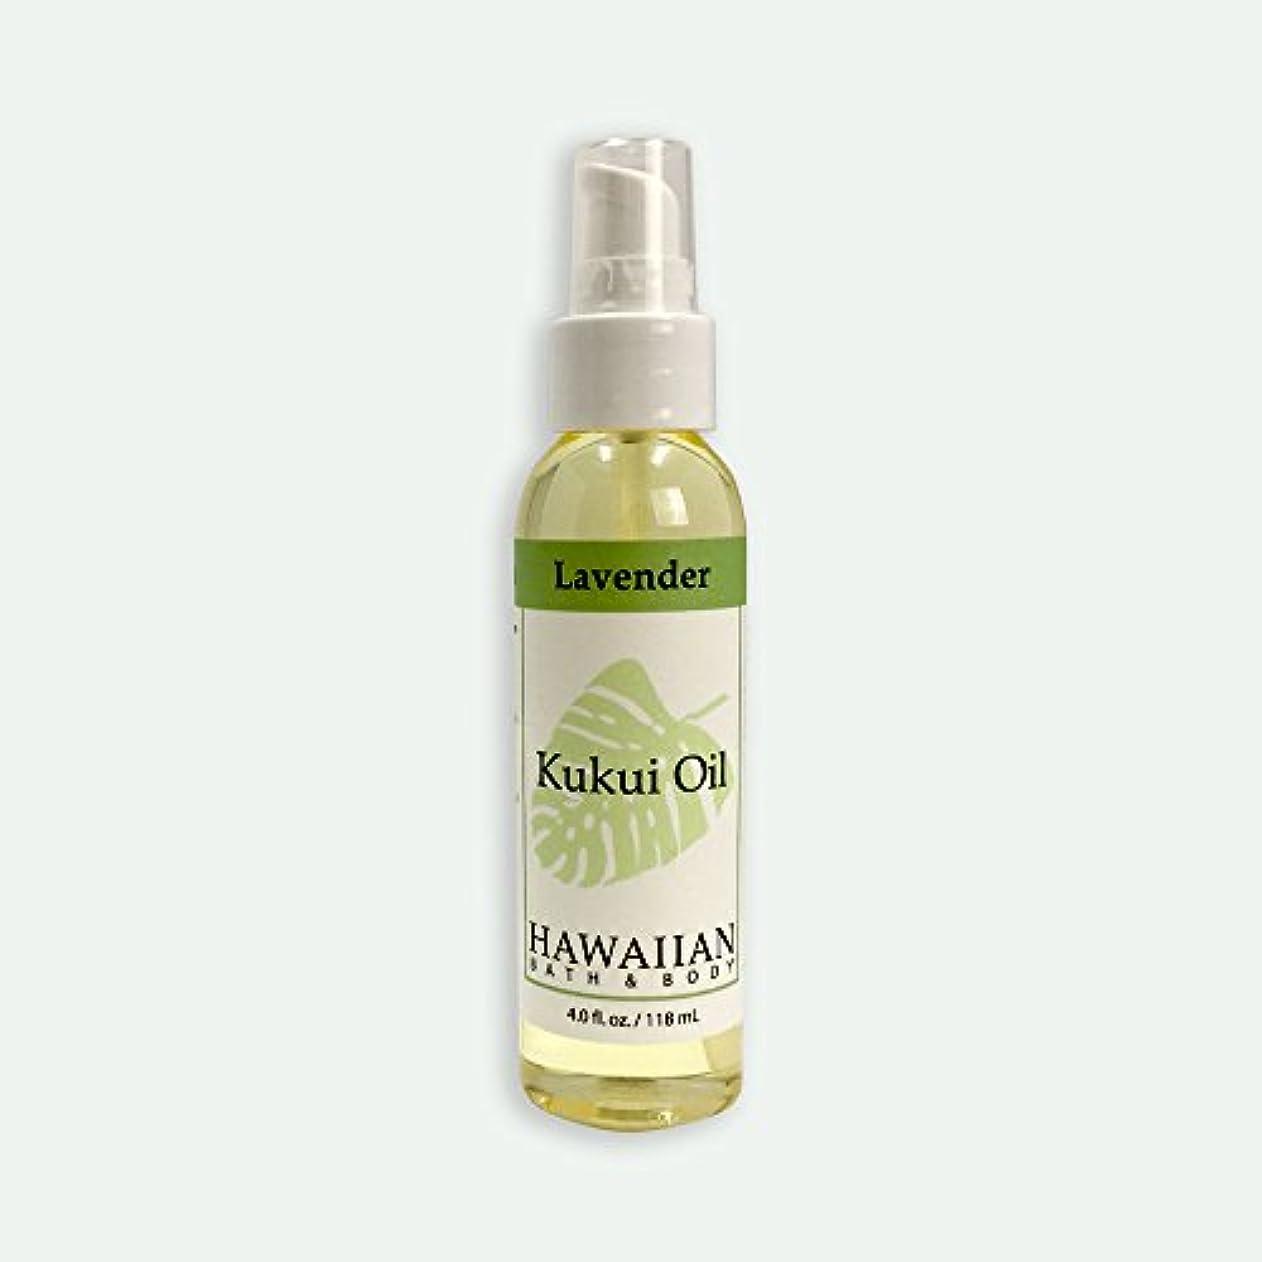 実現可能性私達強調ハワイアンバス&ボディ ククイオイル ?ラベンダー 118ml Lavender Kukui Nut Oil